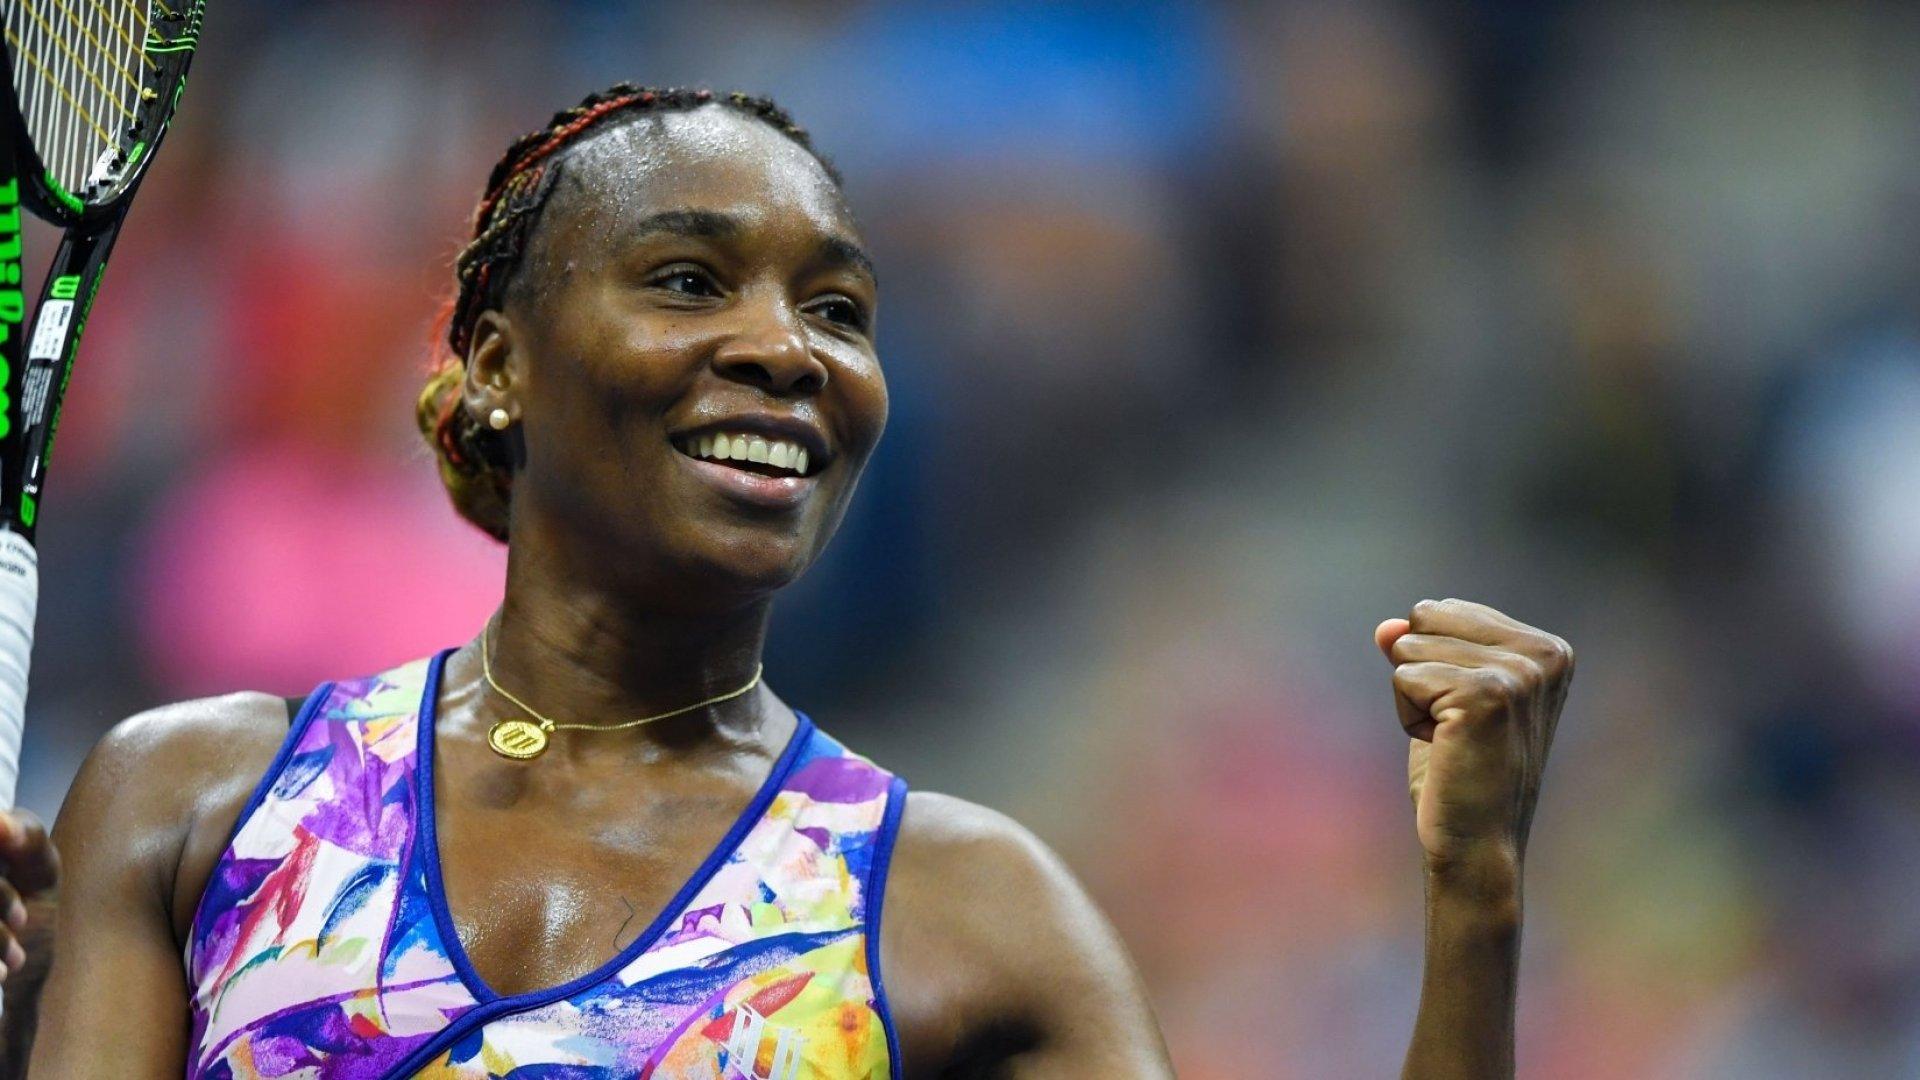 Venus Williams Backs New Robo-Adviser for Women